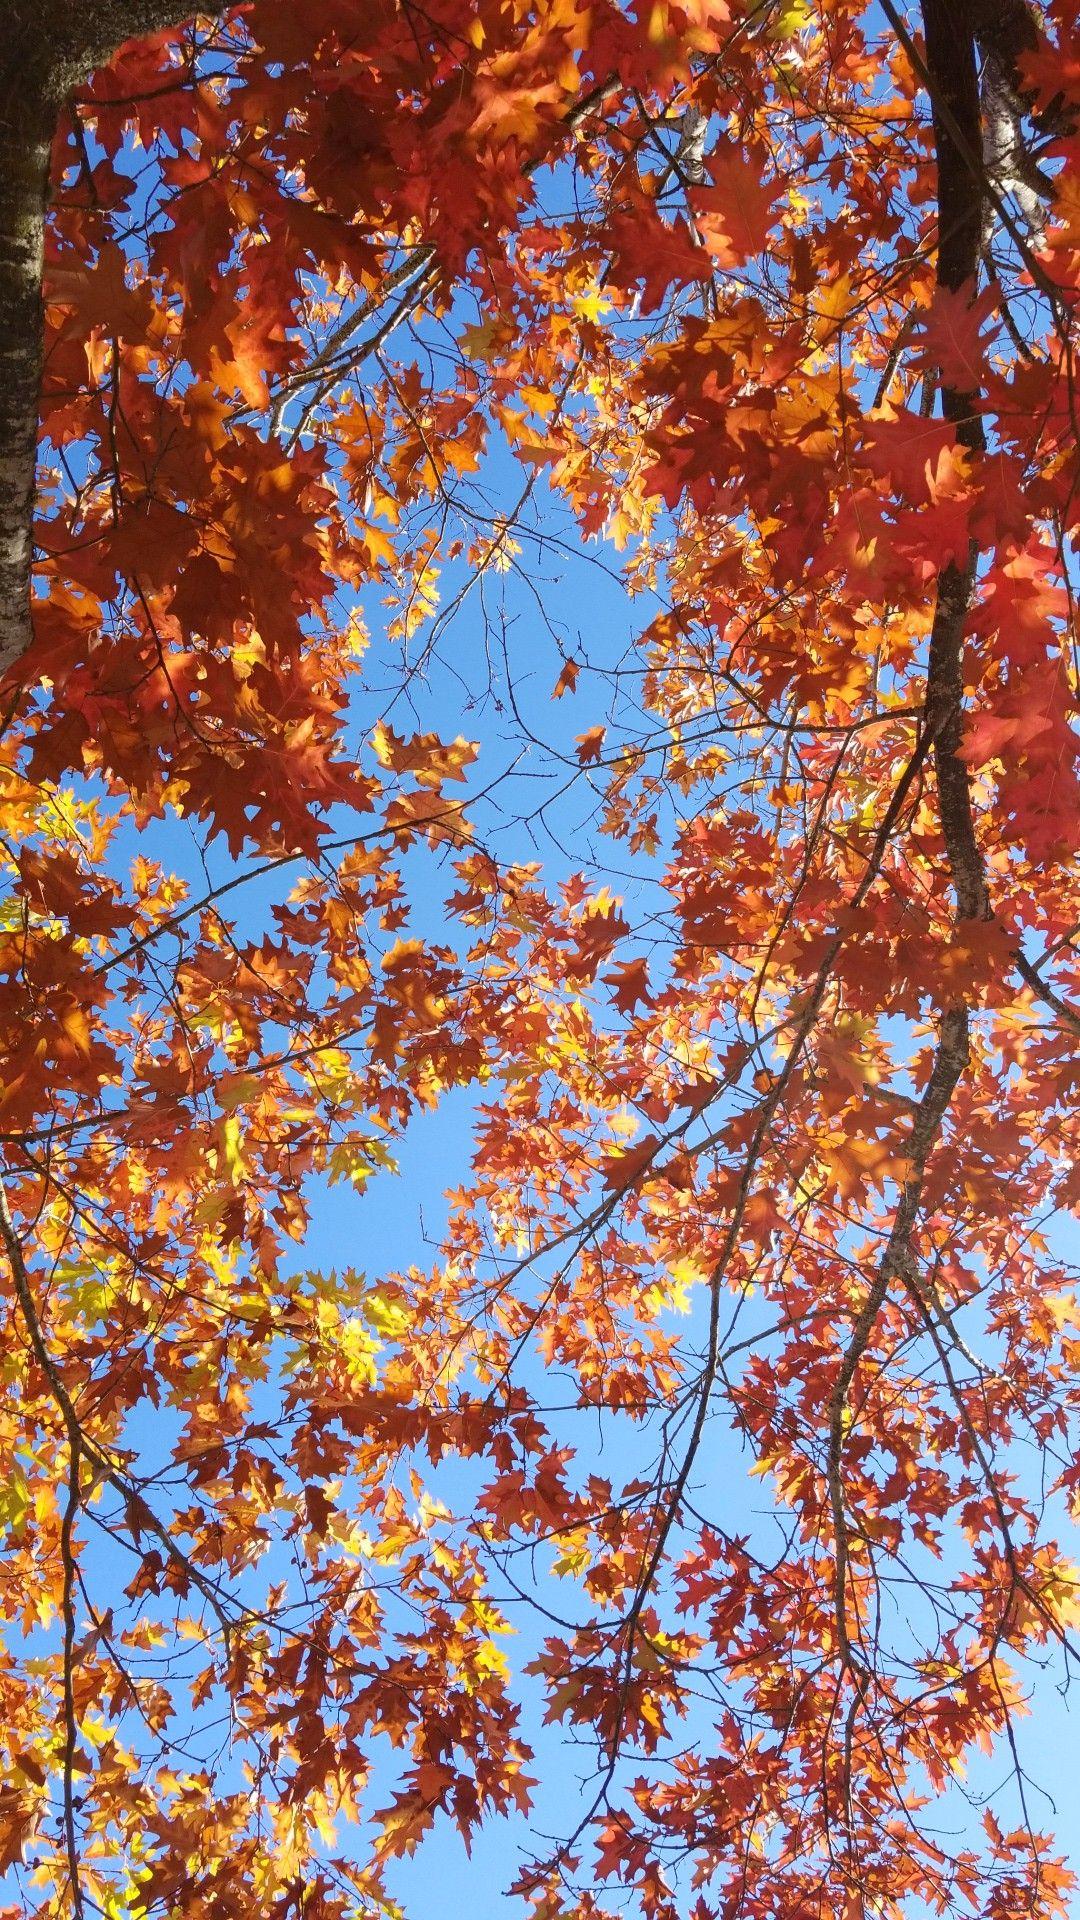 October Autumn Landscape Autumn Photography Autumn Scenery